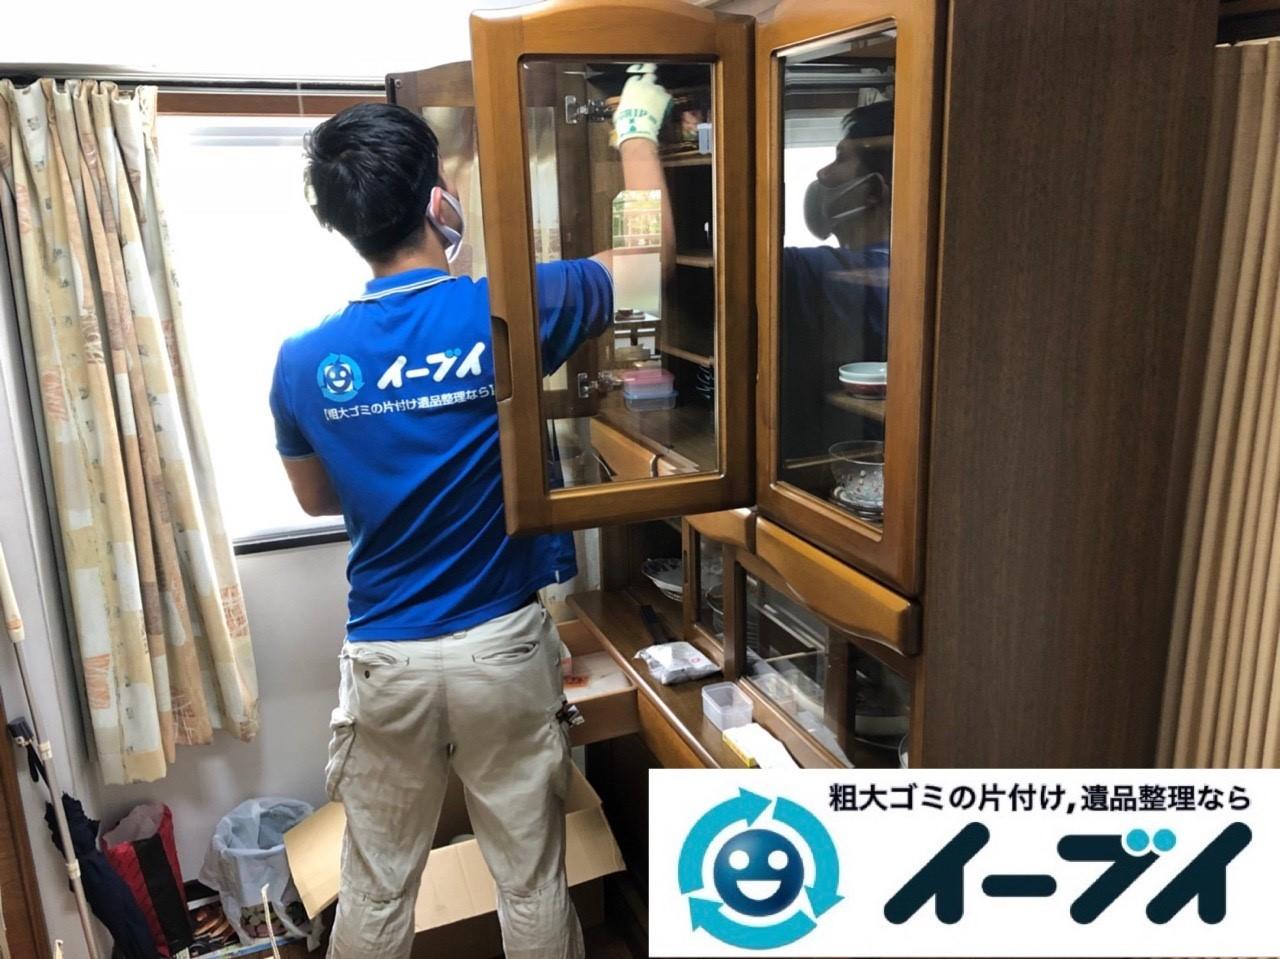 2018年12月10日大阪府堺市堺区で遺品整理に伴い家財道具の処分や仕分け作業の様子。写真1